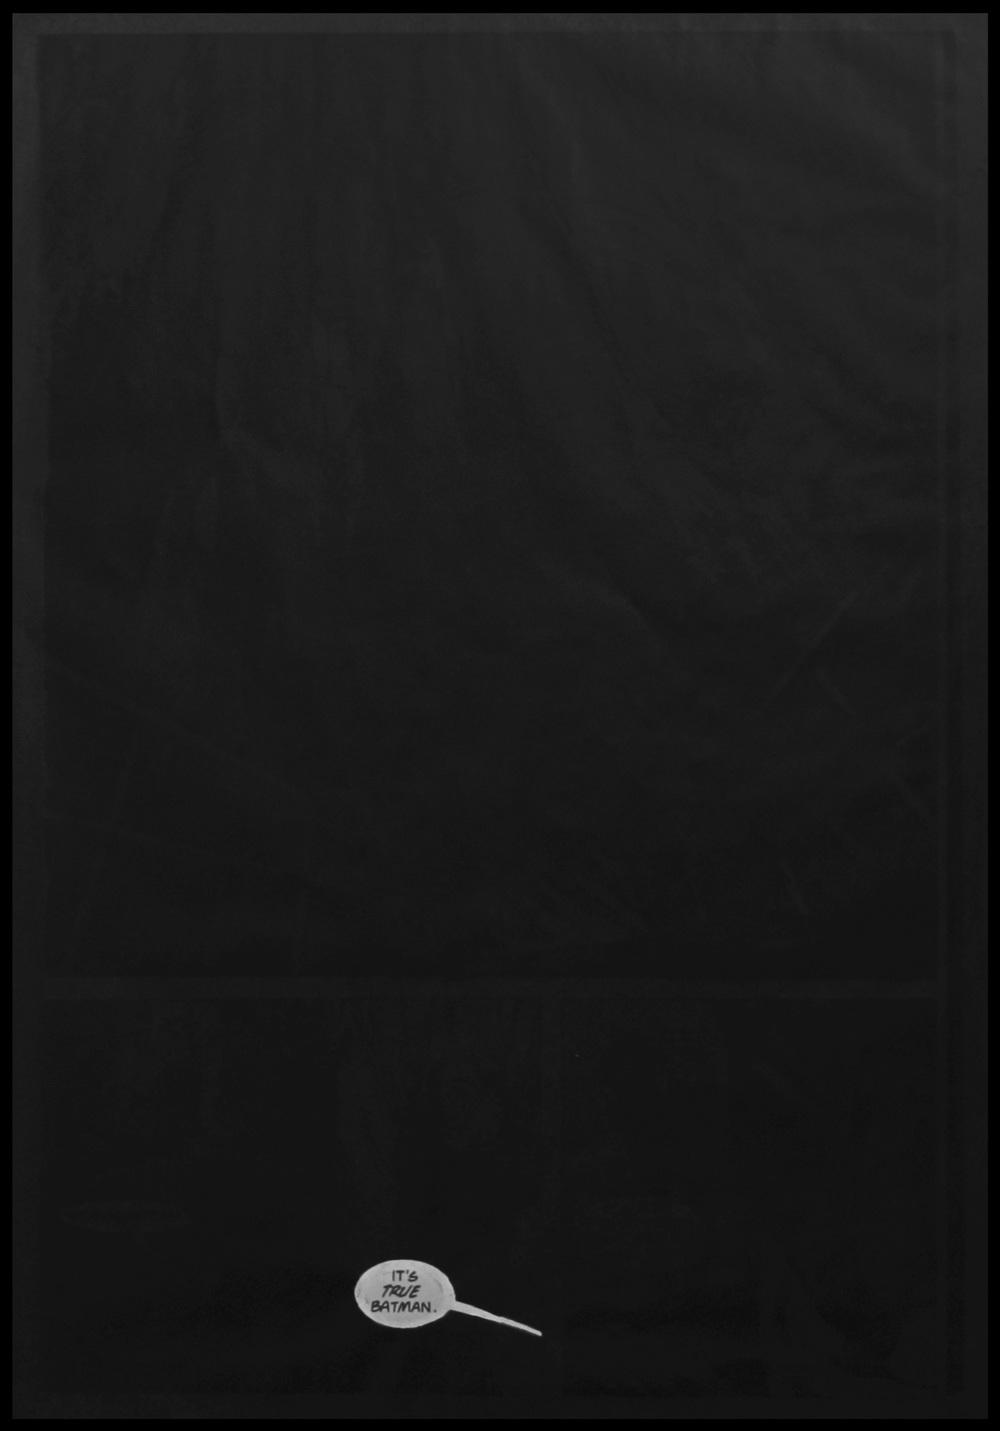 It's True Batman Photocopied 'Batman' comic book page. Spray paint. 84.1 x 118.9 cm